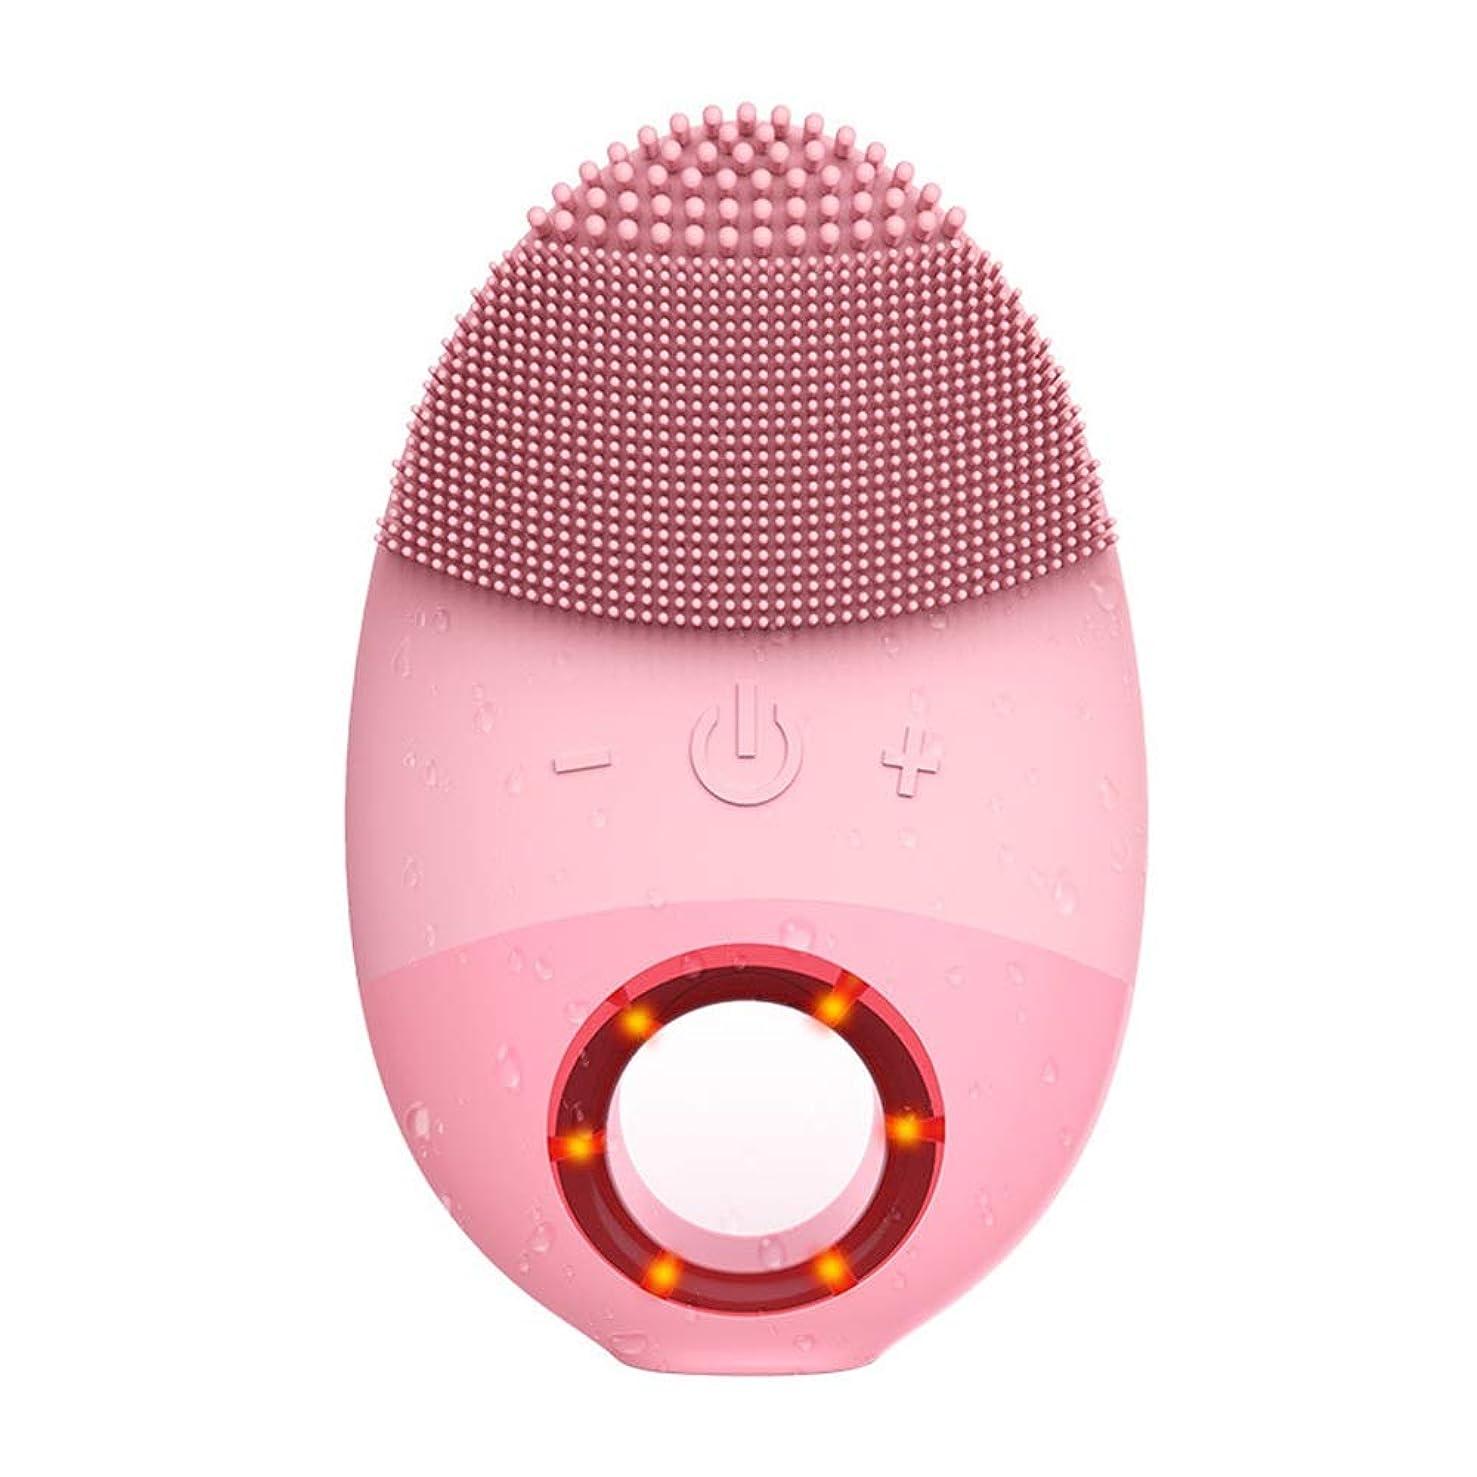 底社会学スリルZXF 多機能シリコン防水洗浄ブラシ超音波振動洗浄器具美容器具マッサージ器具洗浄器具 滑らかである (色 : Pink)